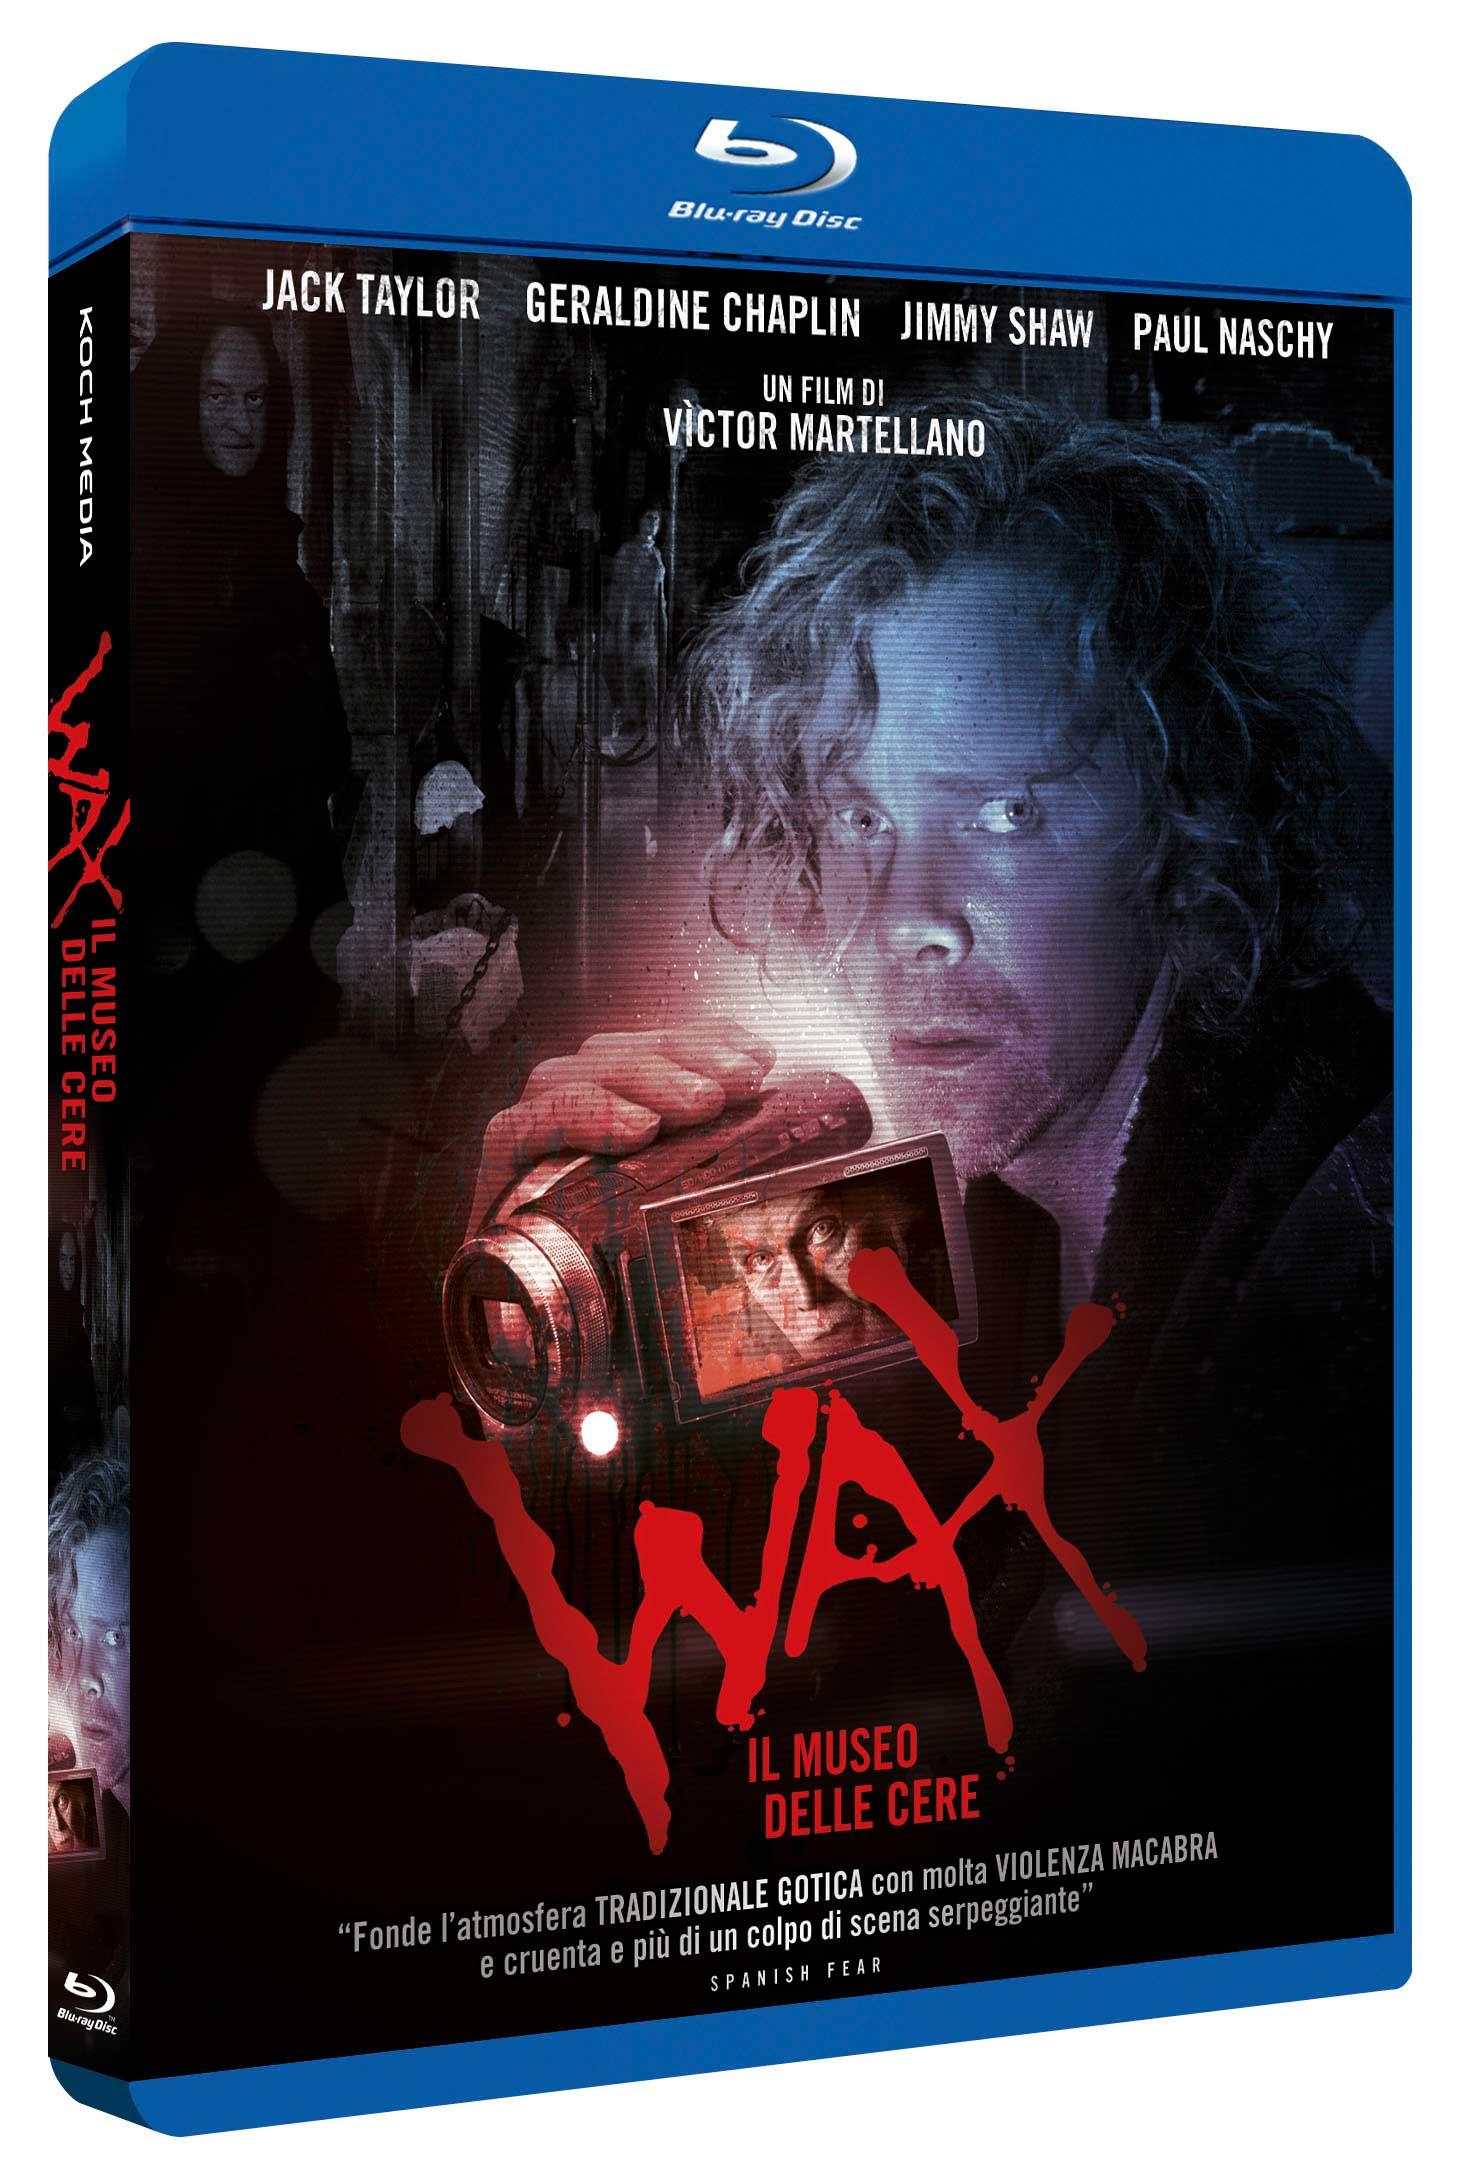 WAX - IL MUSEO DELLE CERE - BLU RAY